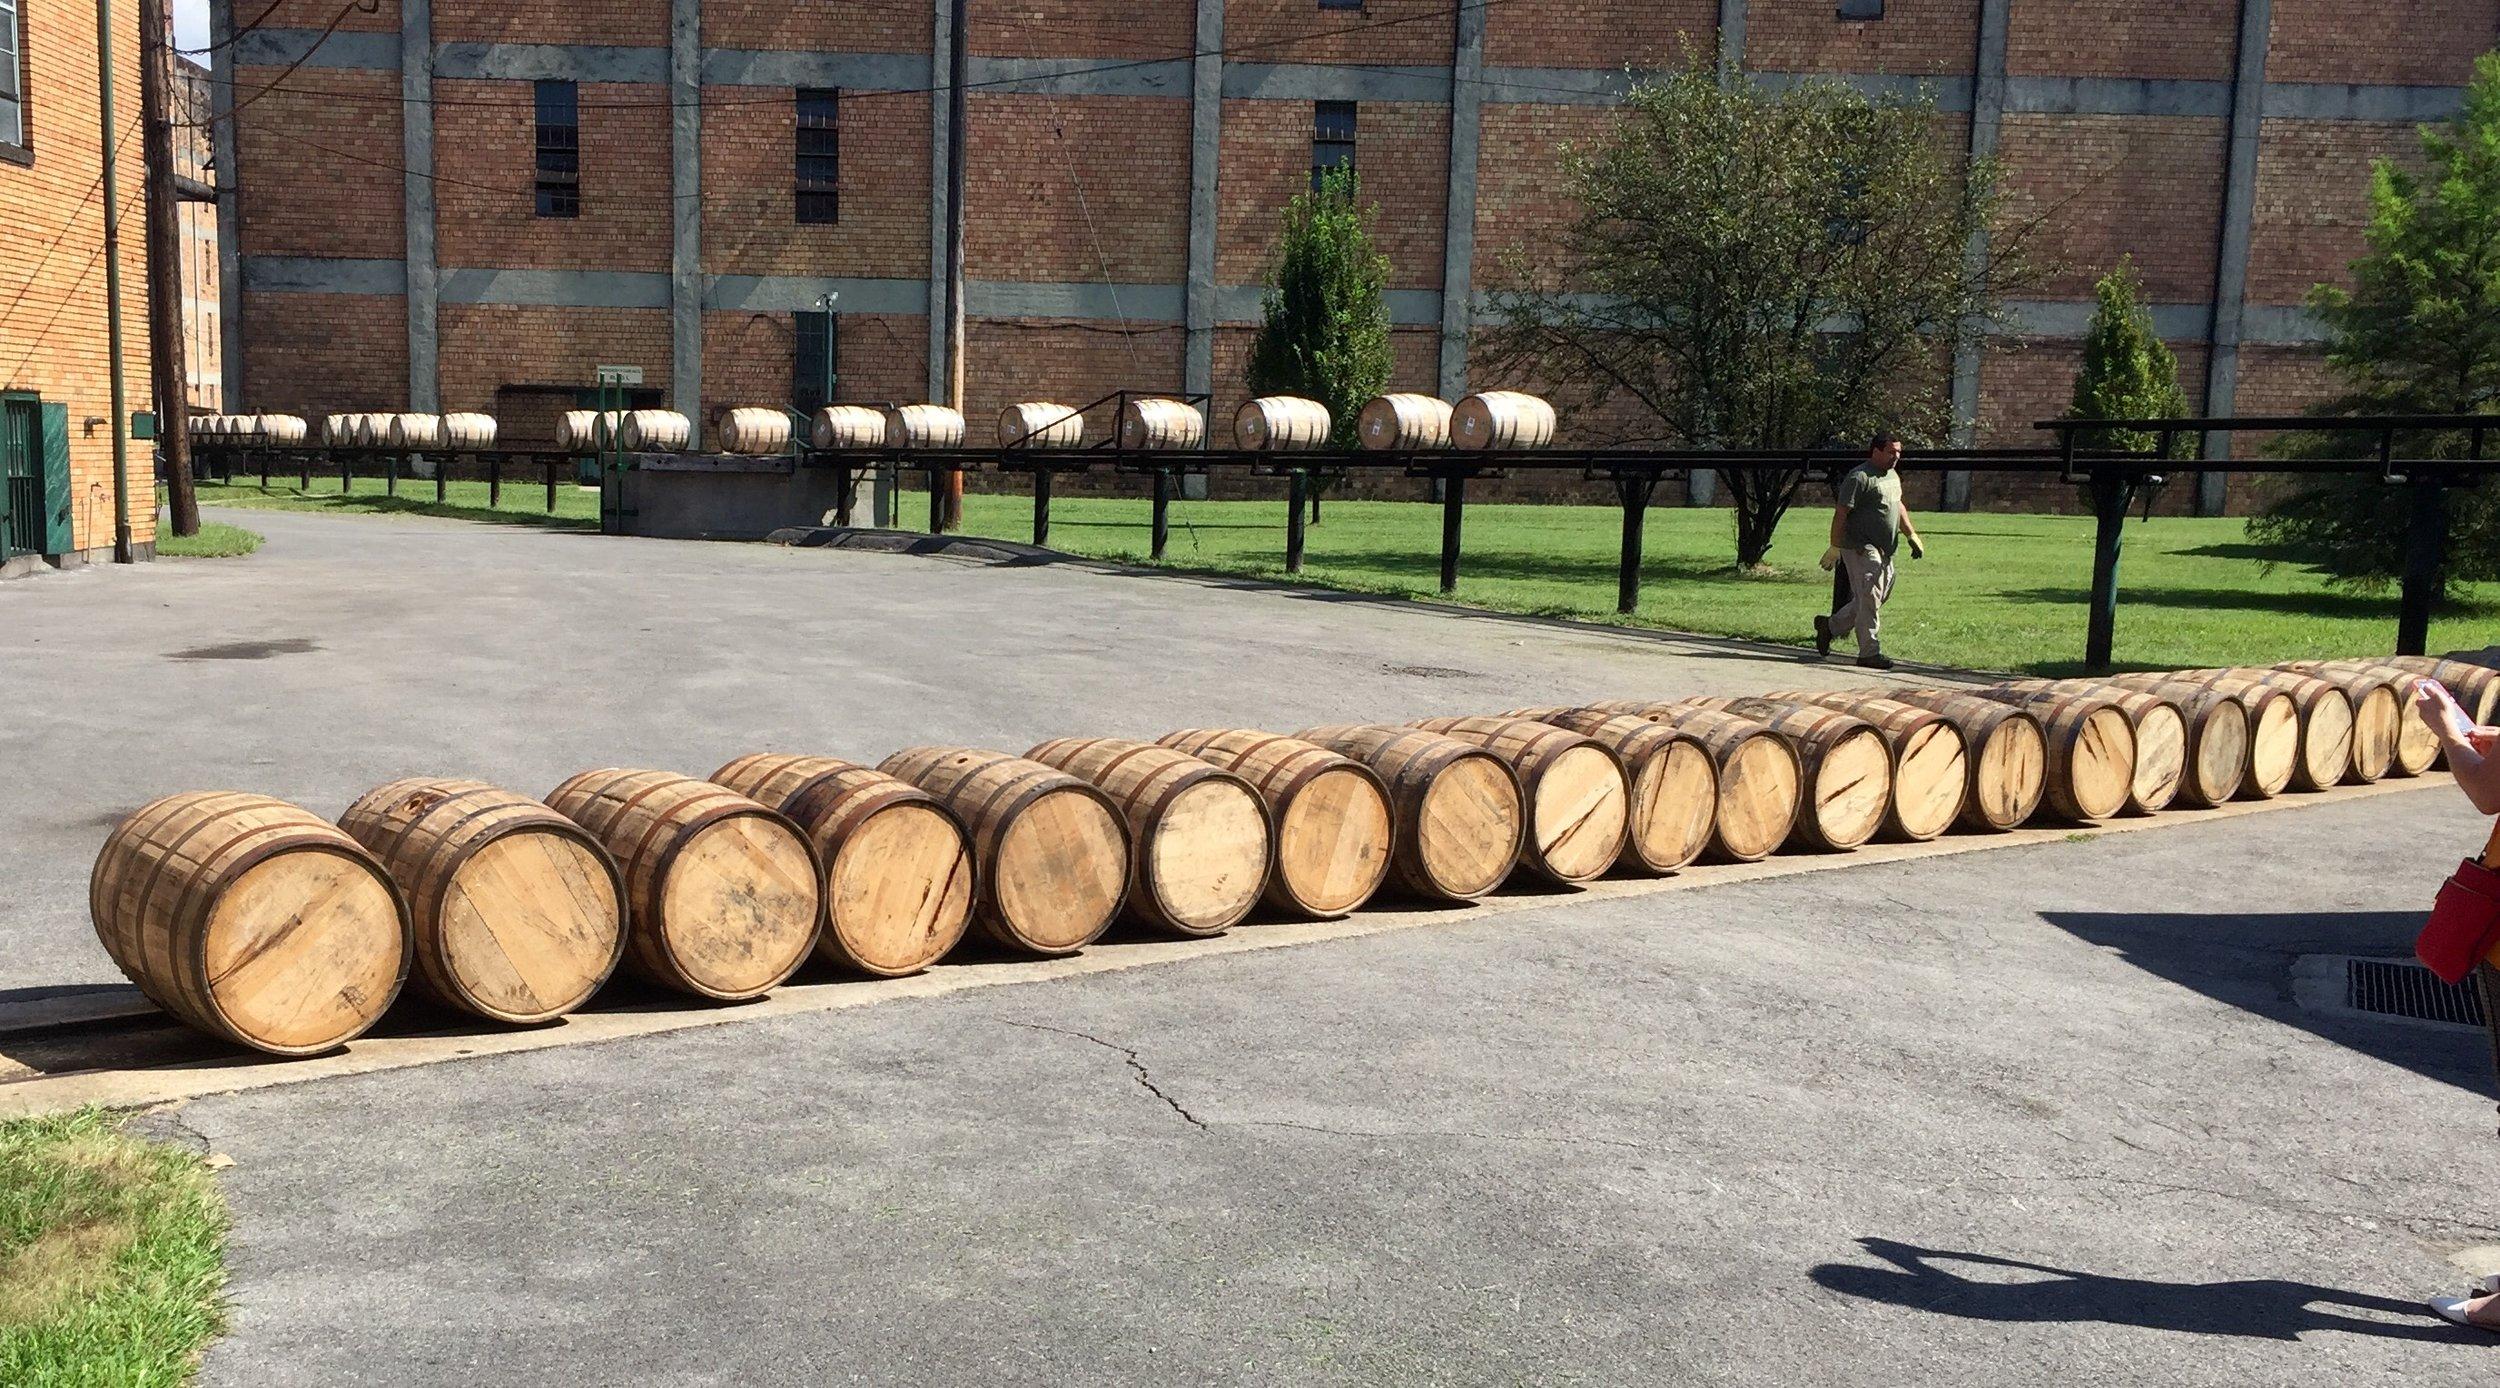 Barrel run at Buffalo Trace.